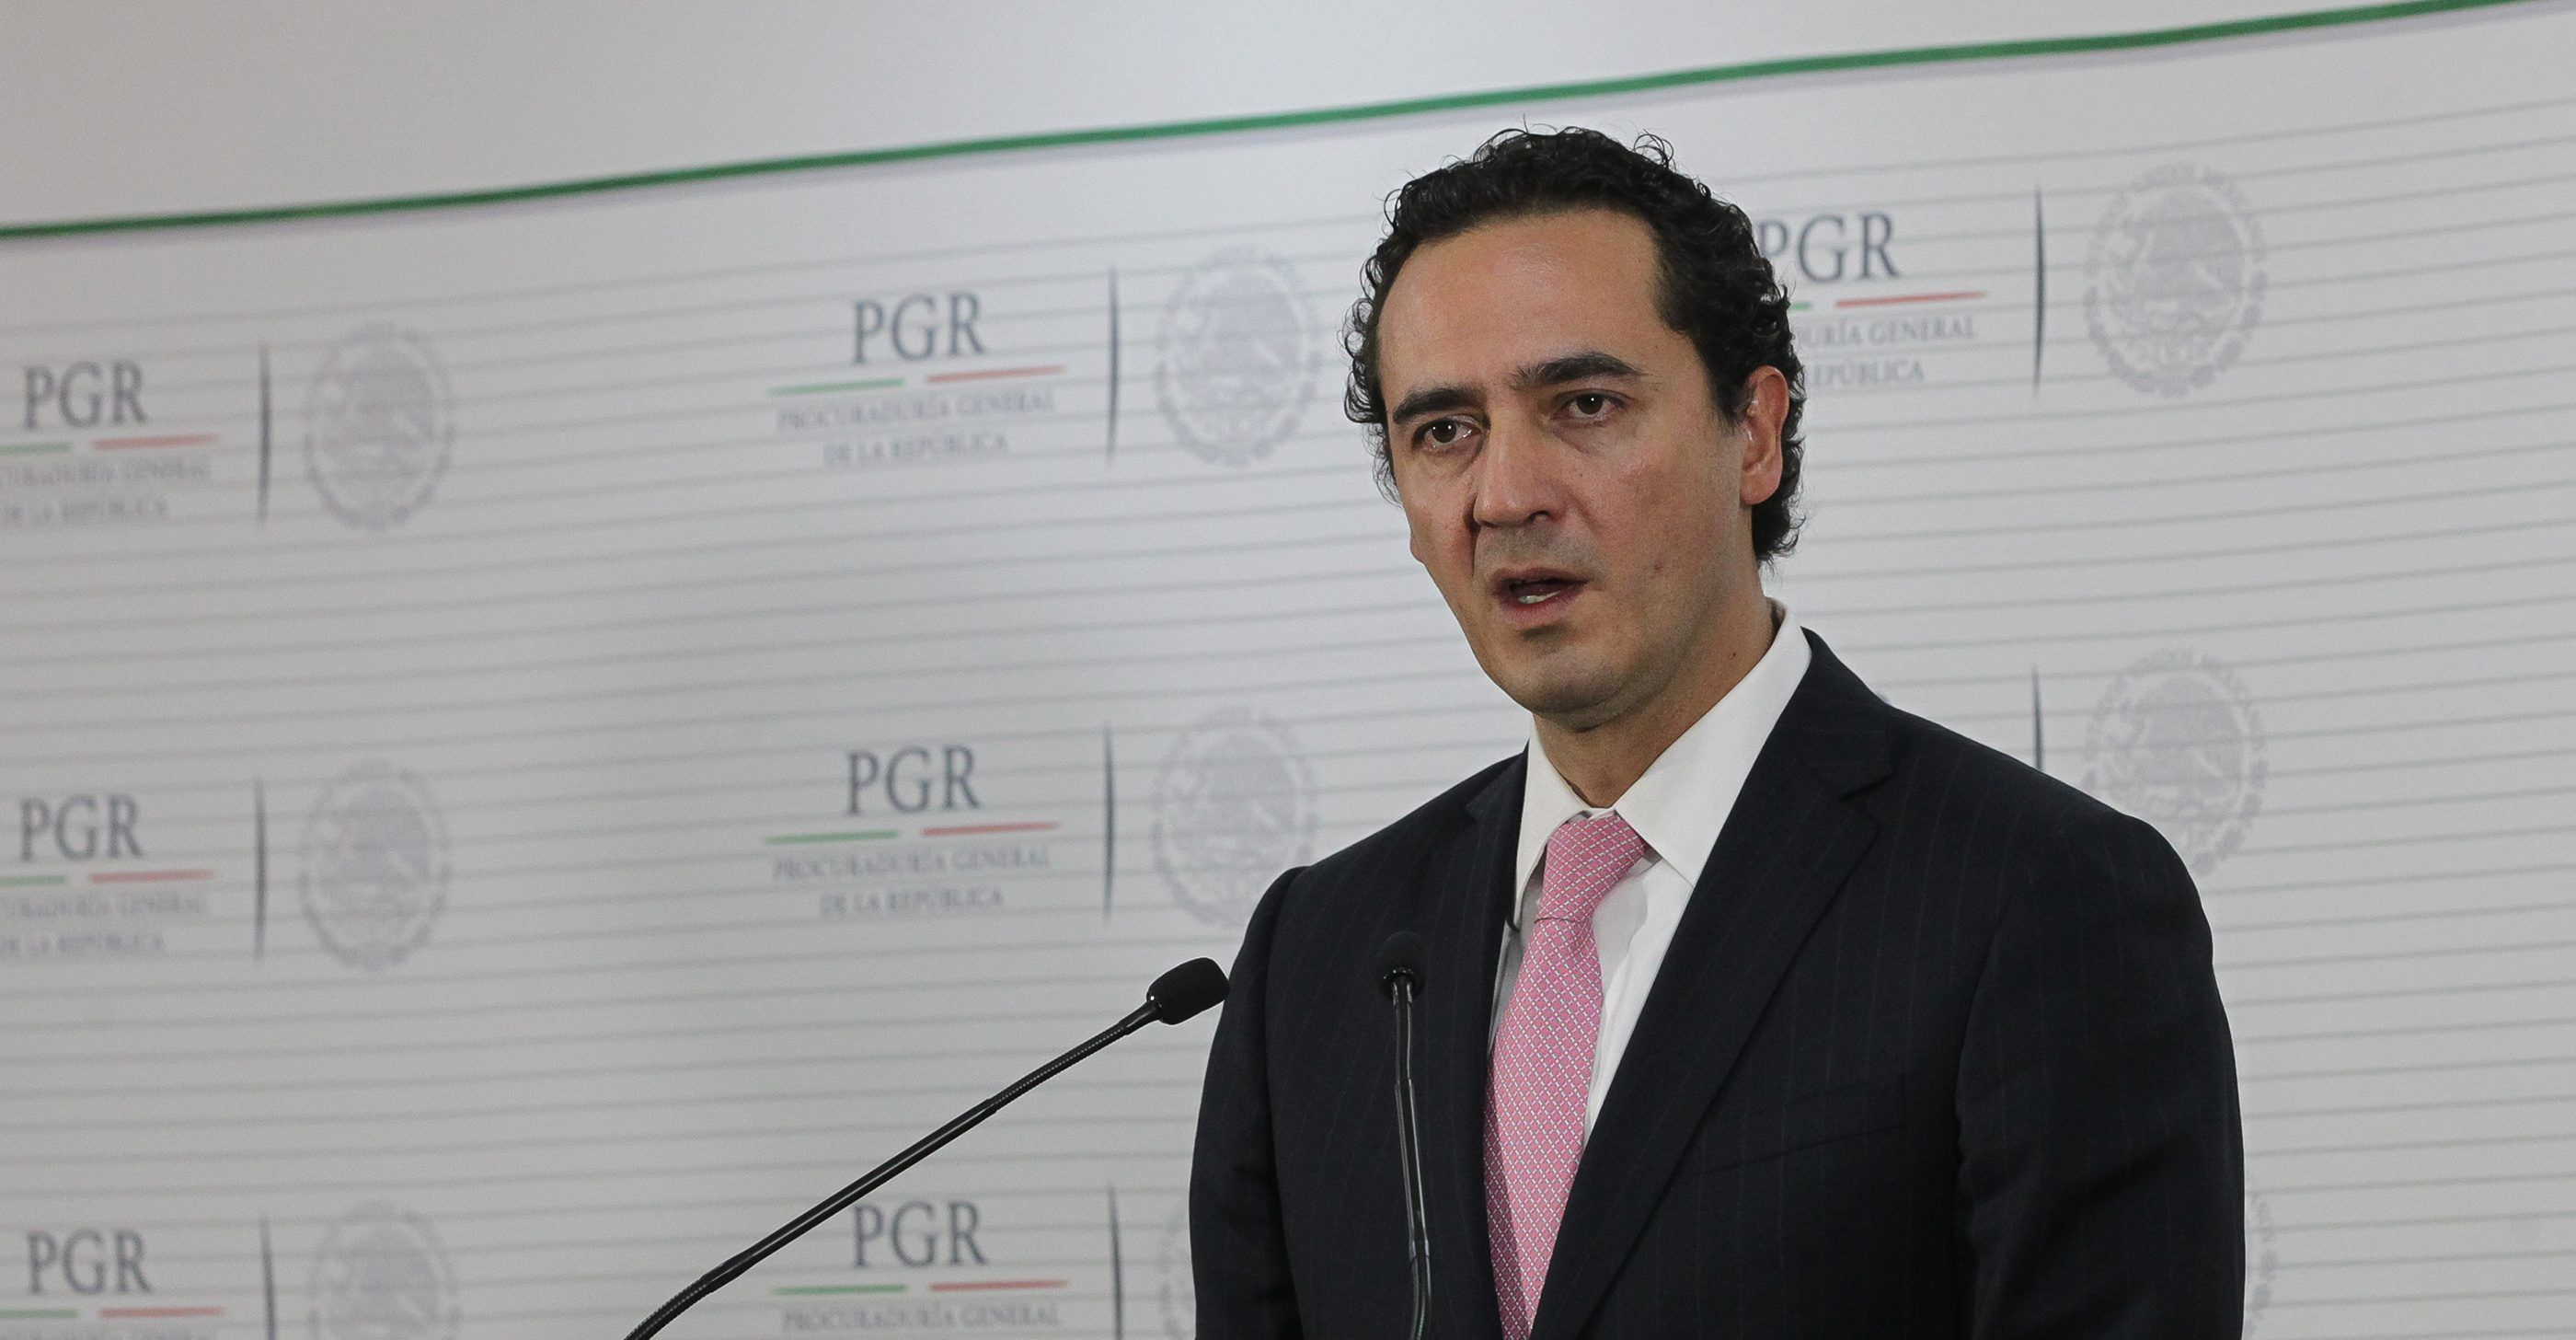 PROCURADURÍA ENTREGA 171,6 MILLONES A GOBIERNO DE VERACRUZ COMO INDEMNIZACIÓN POR FONDOS DESVIADOS